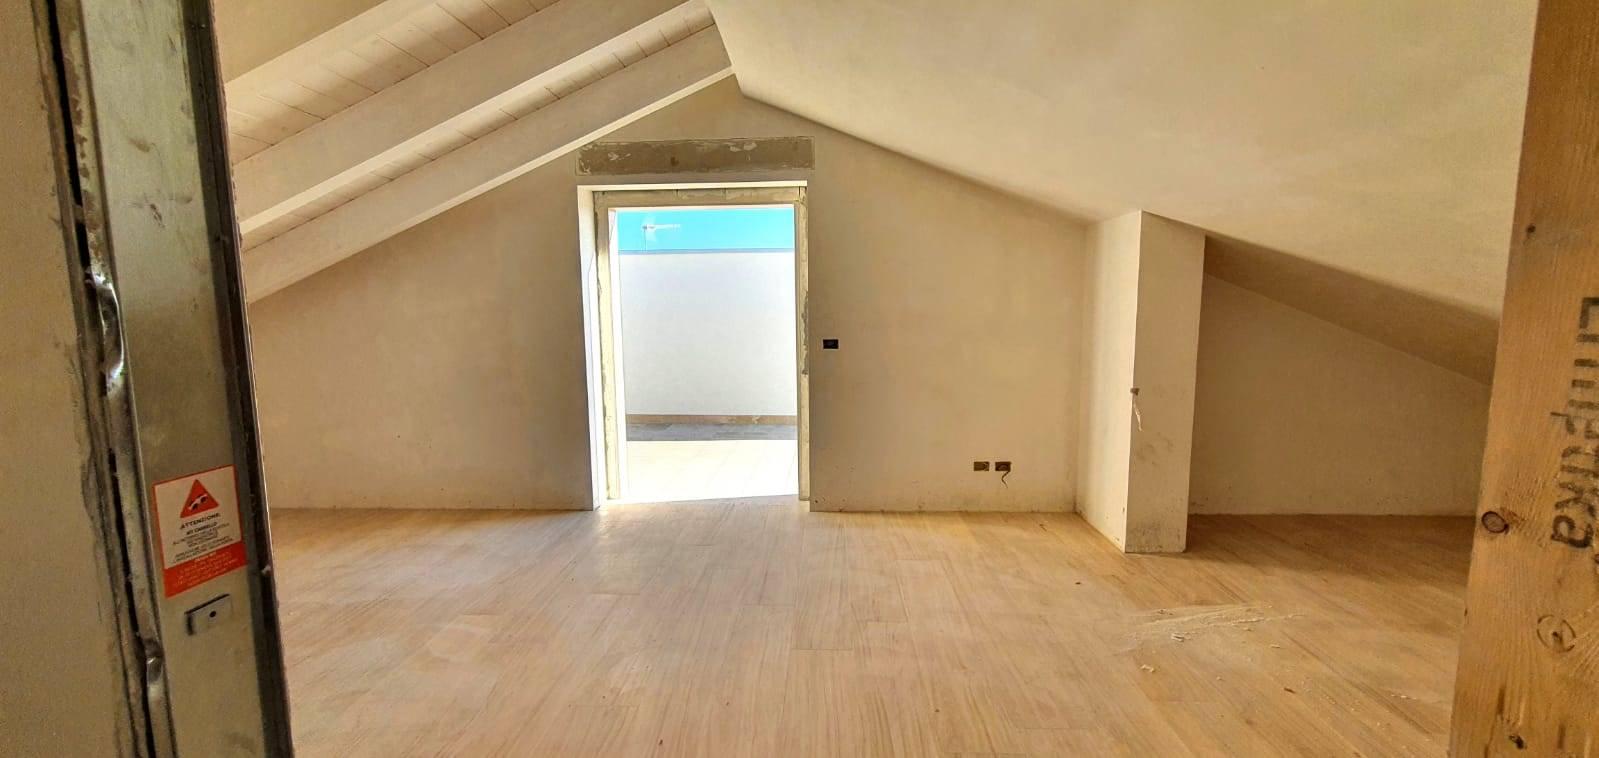 Appartamento in vendita a Altamura, 3 locali, prezzo € 180.000   CambioCasa.it